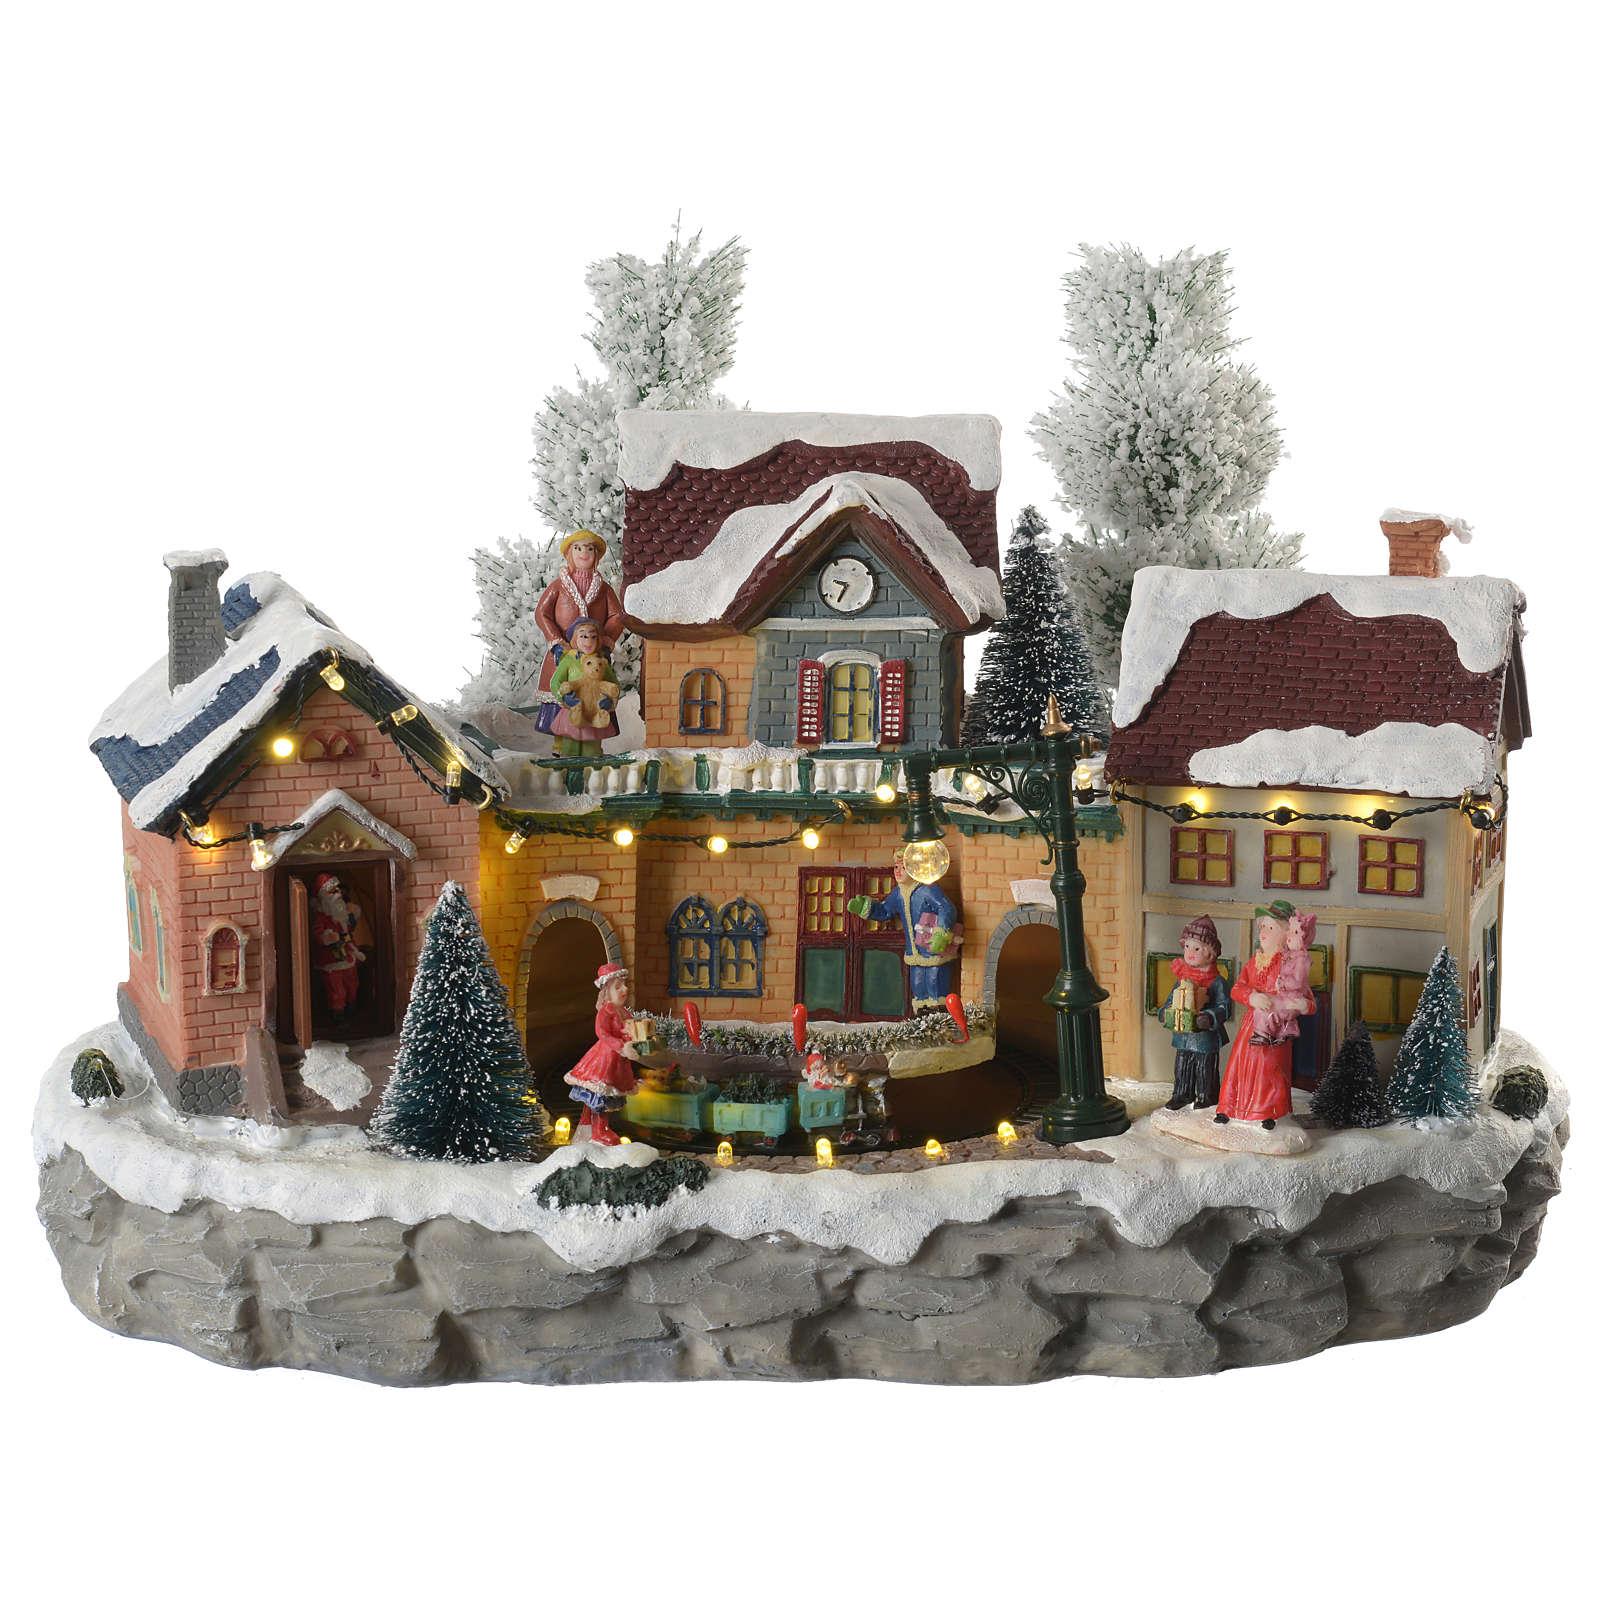 Weihnachtsszene mit Zug und Nikolaus 35x20x25cm 3